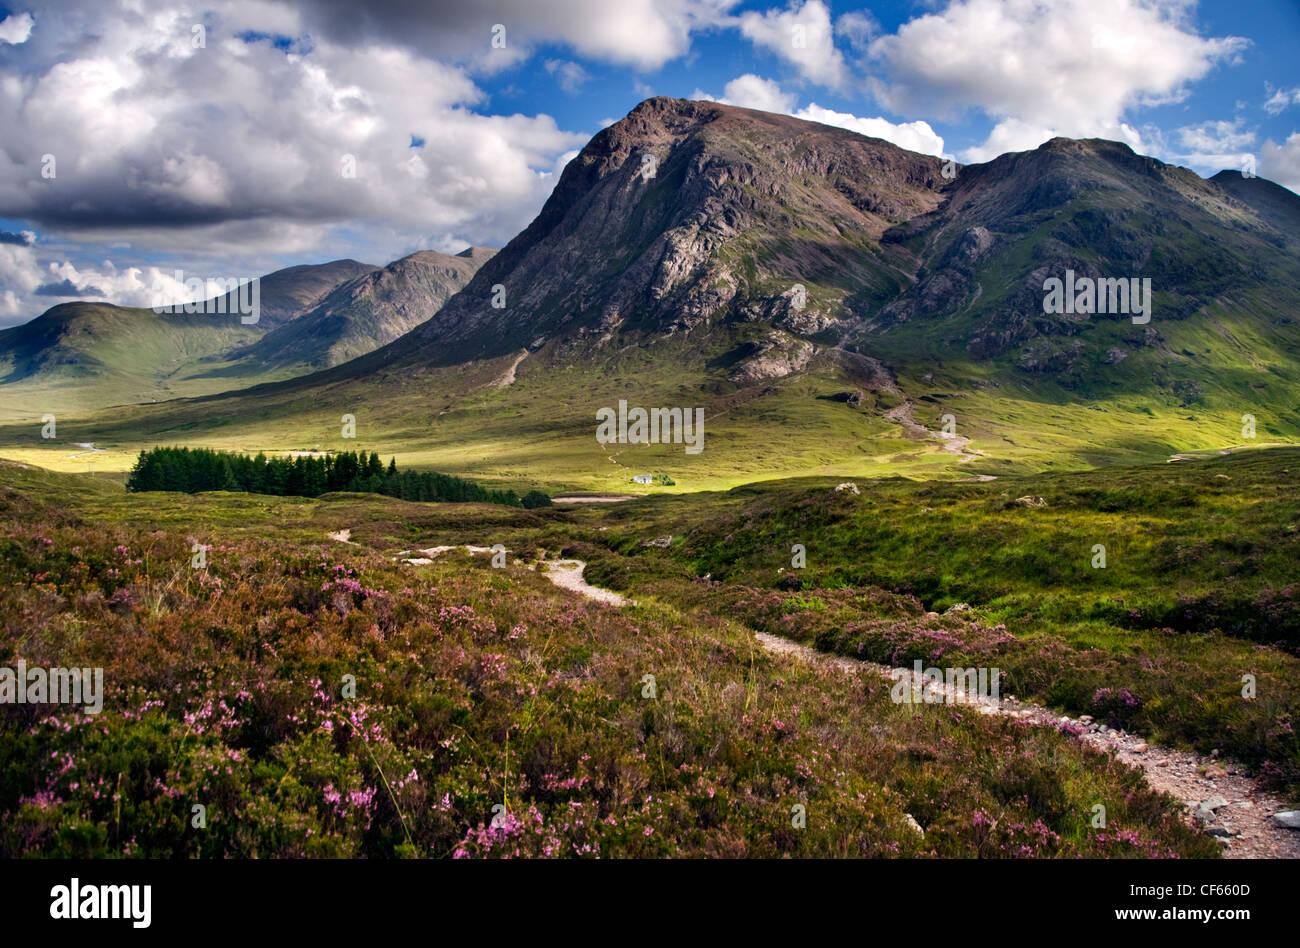 Eine Ansicht des Teufels Treppe in Richtung Pass von Glen Coe in den schottischen Highlands. Stockbild